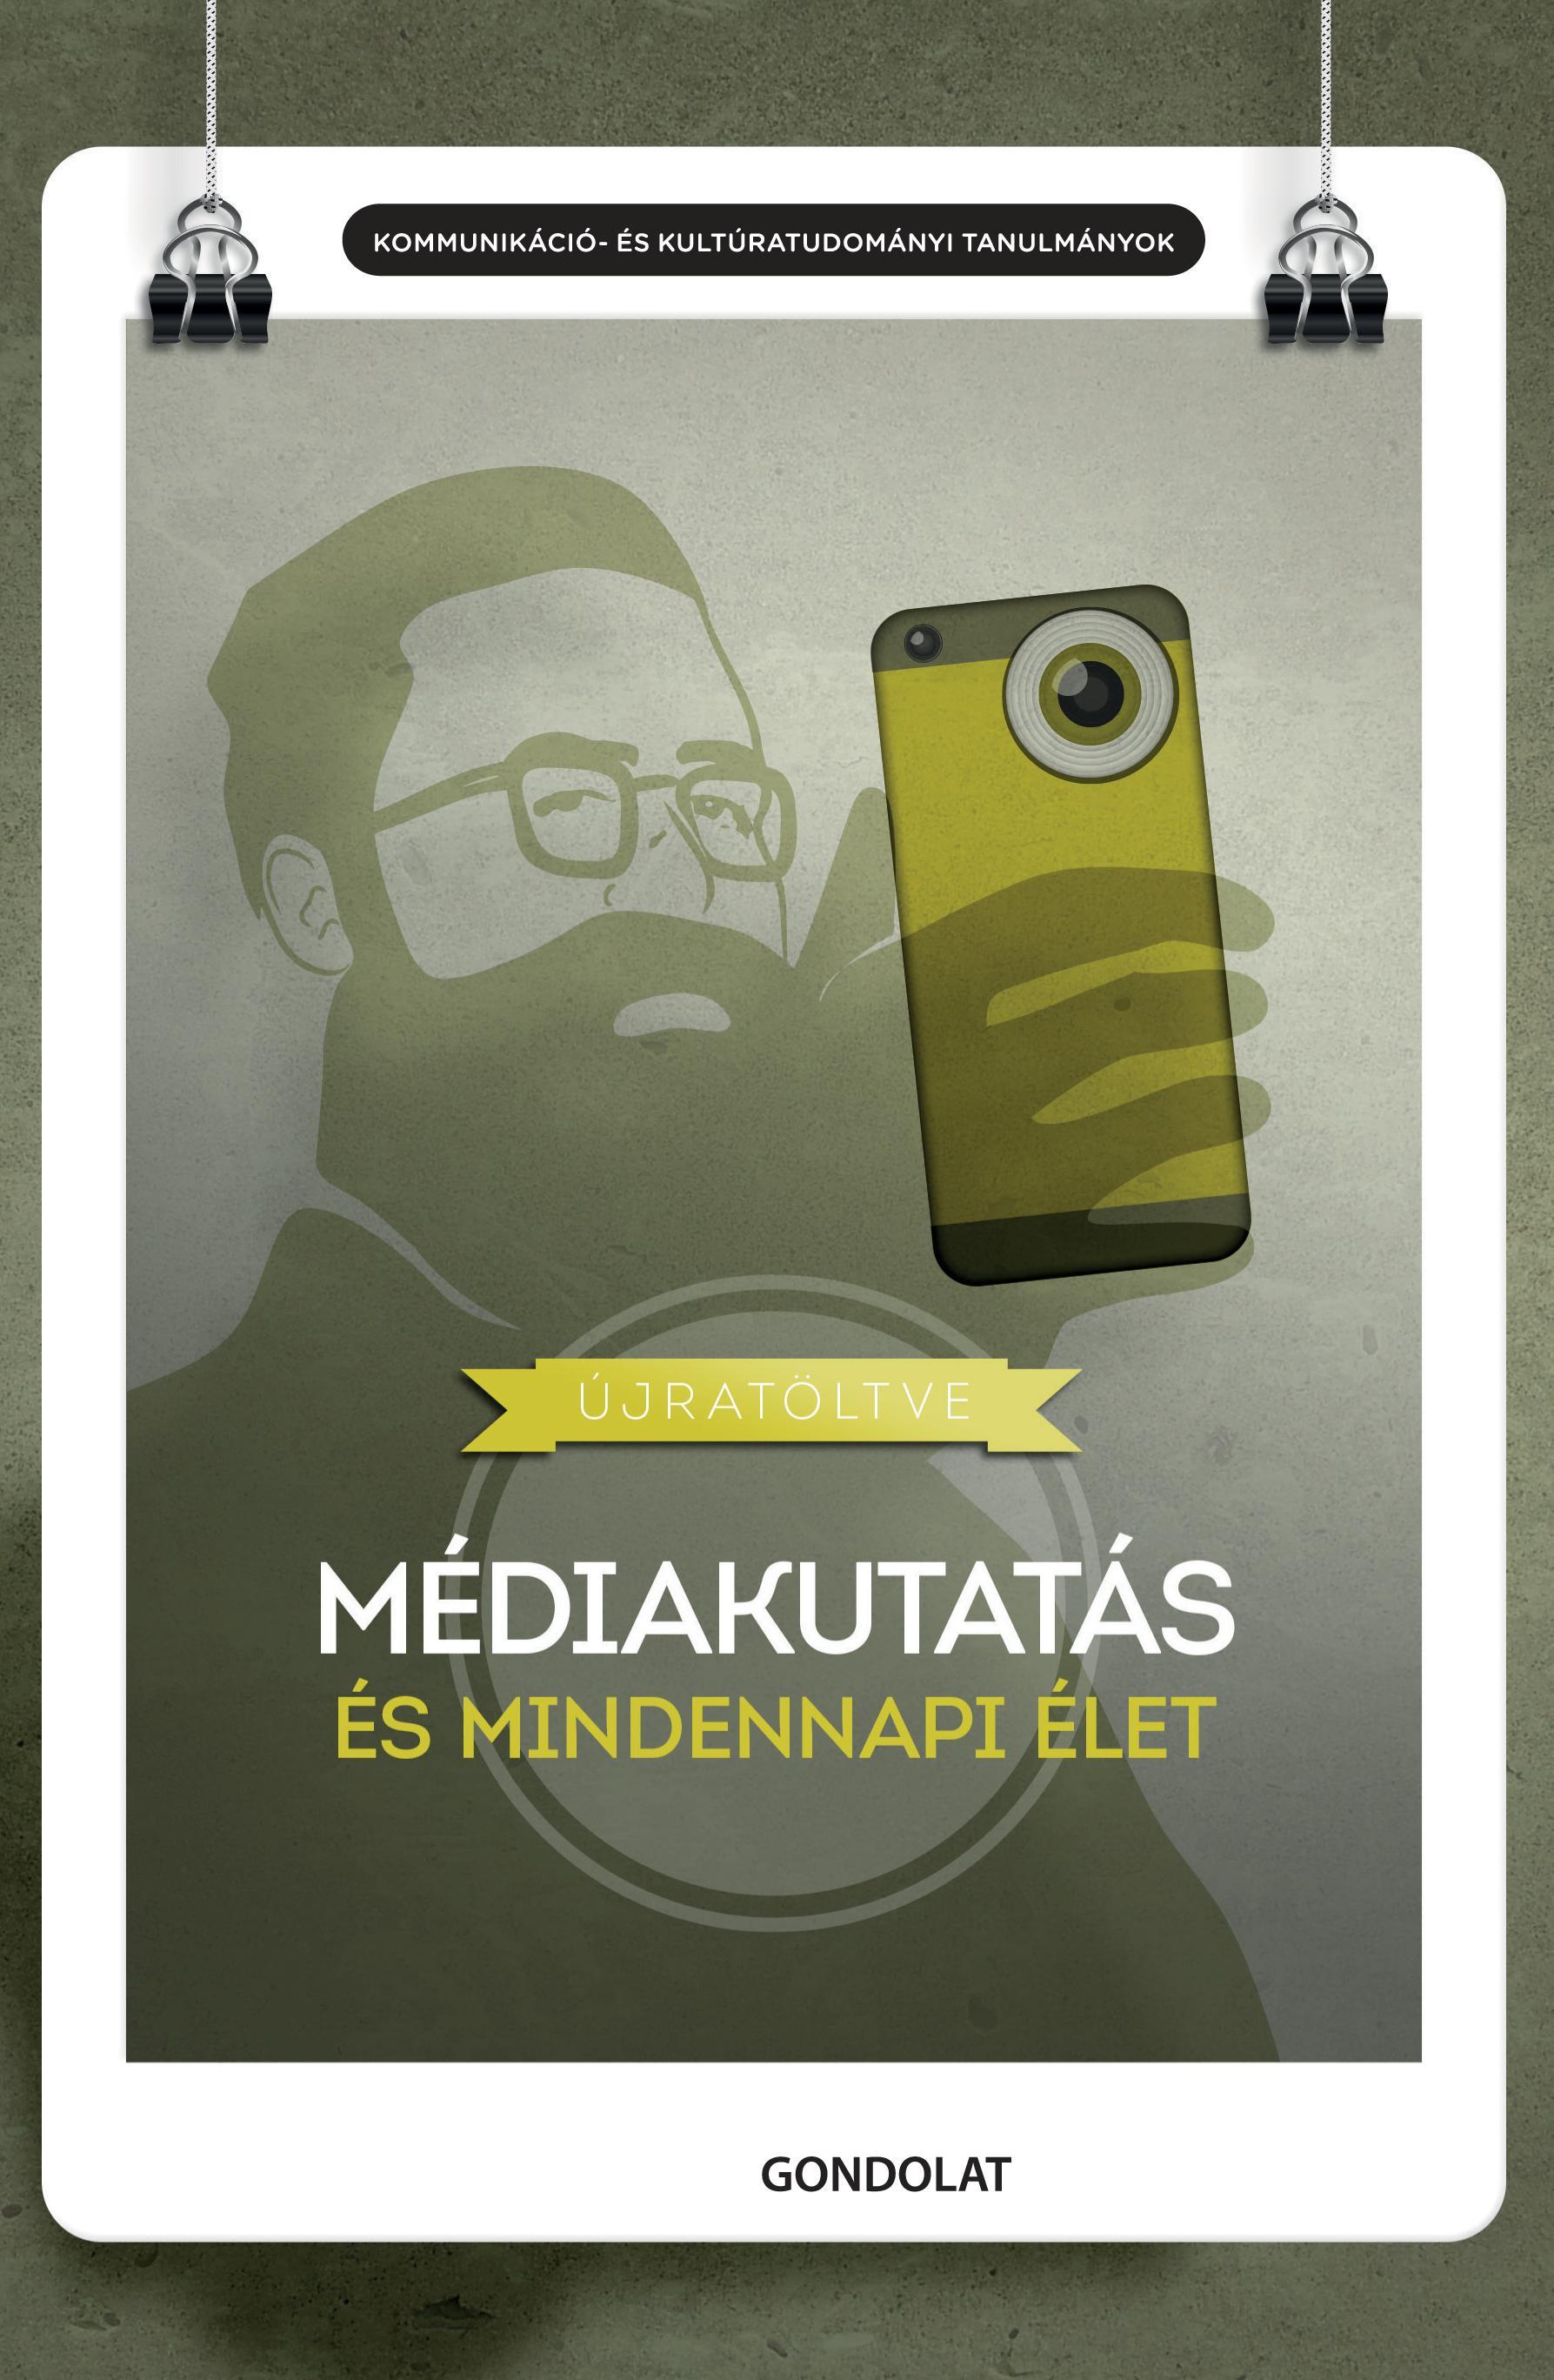 ÚJRATÖLTVE - MÉDIAKUTATÁS ÉS MINDENNAPI ÉLET